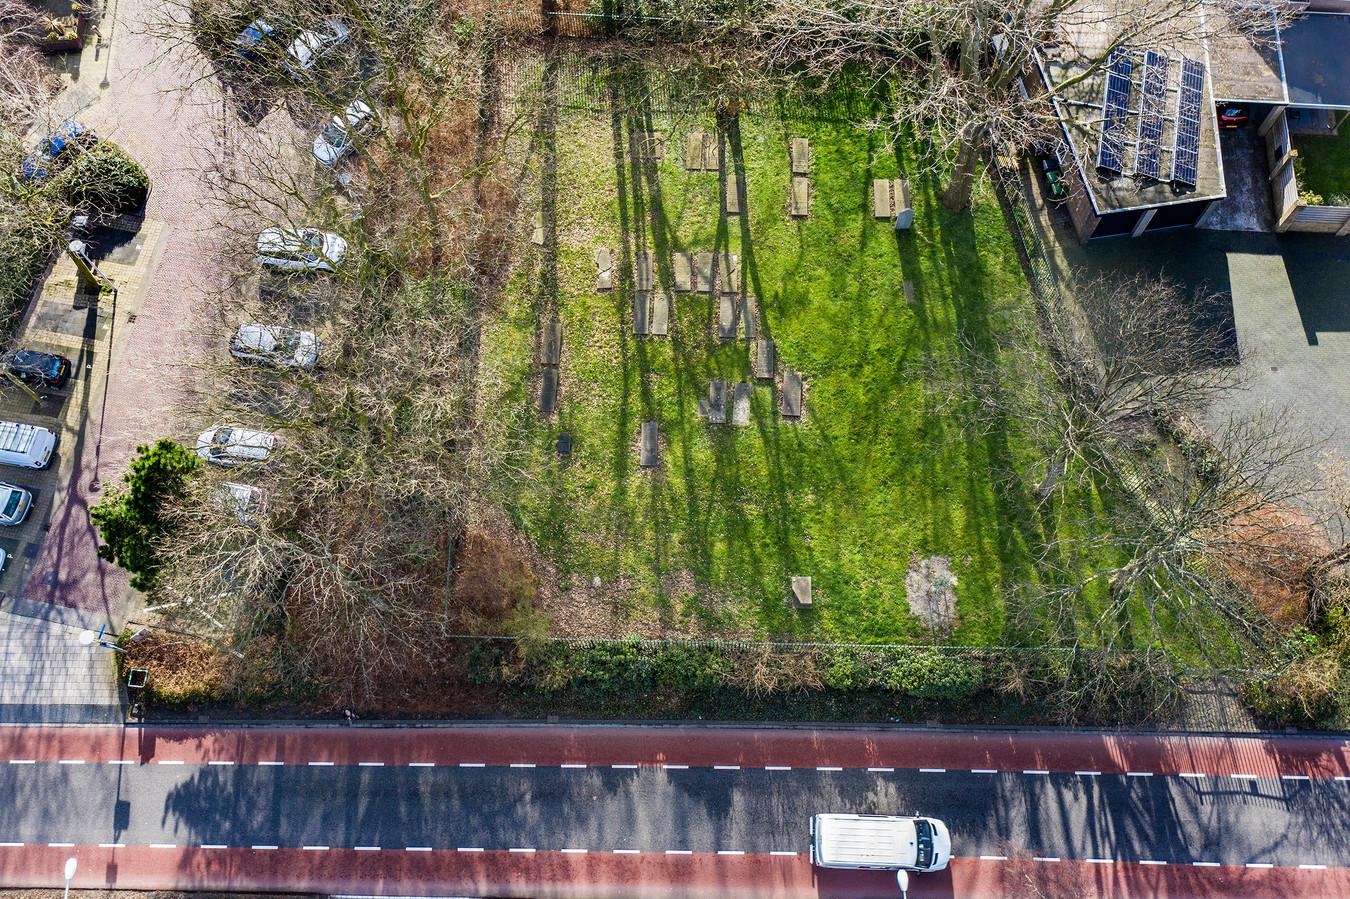 De joodse begraafplaats.